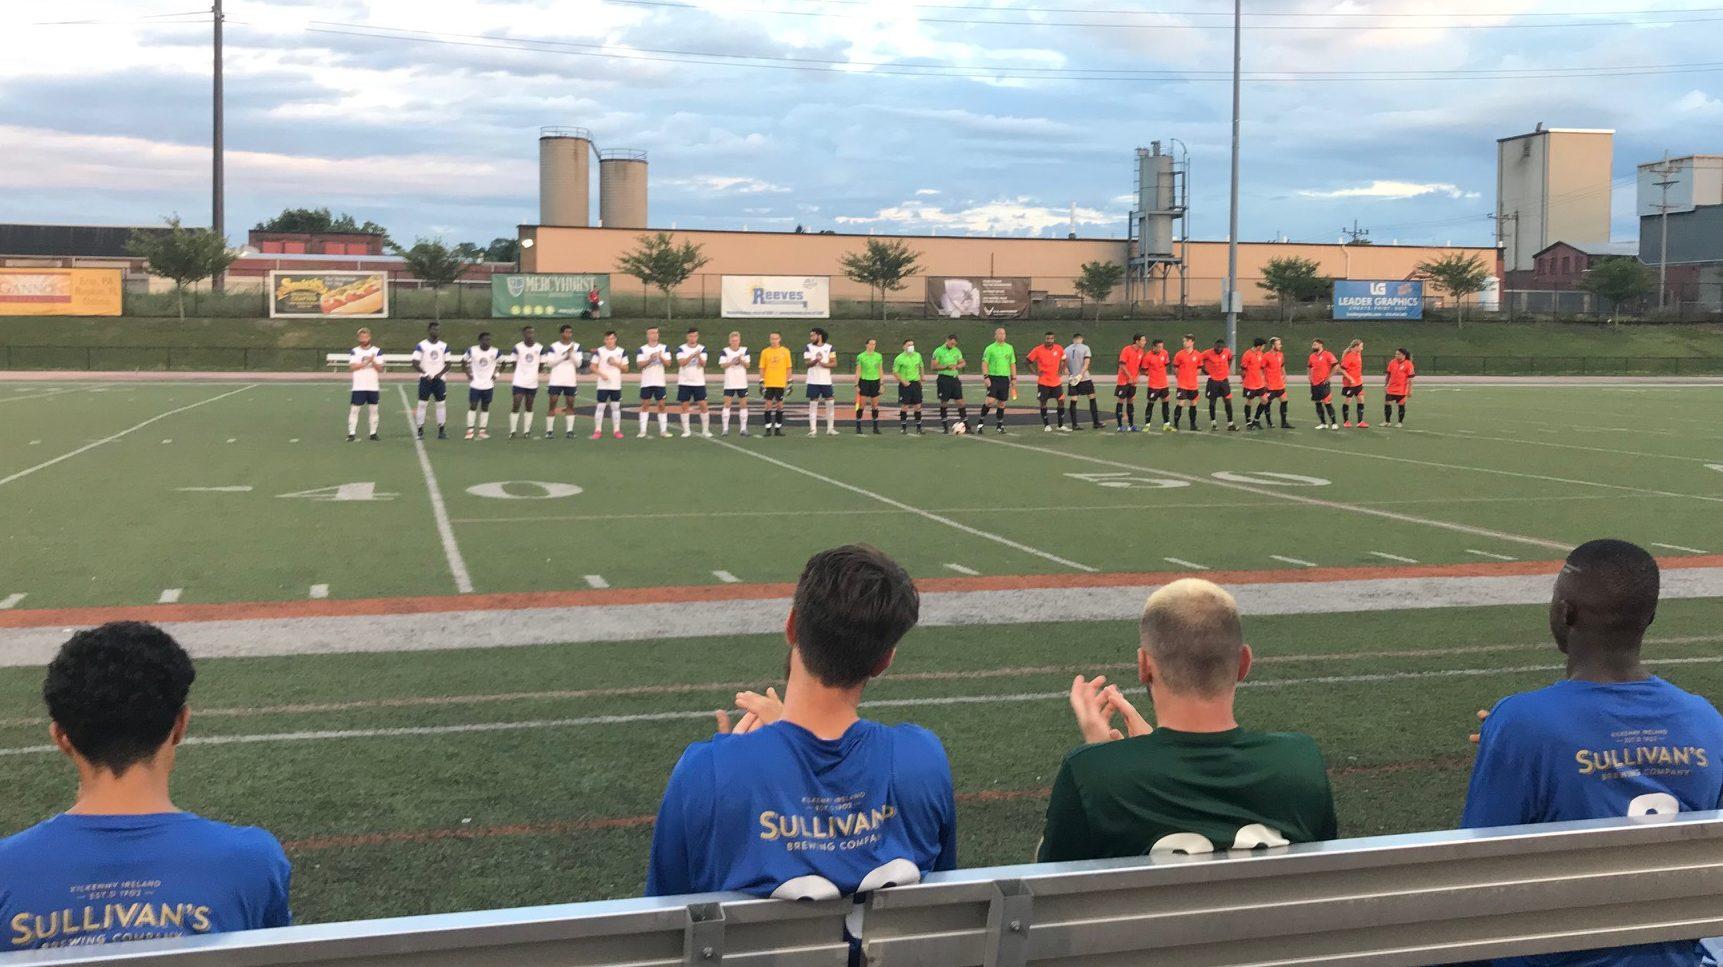 FC Buffalo - Cleveland SC recap